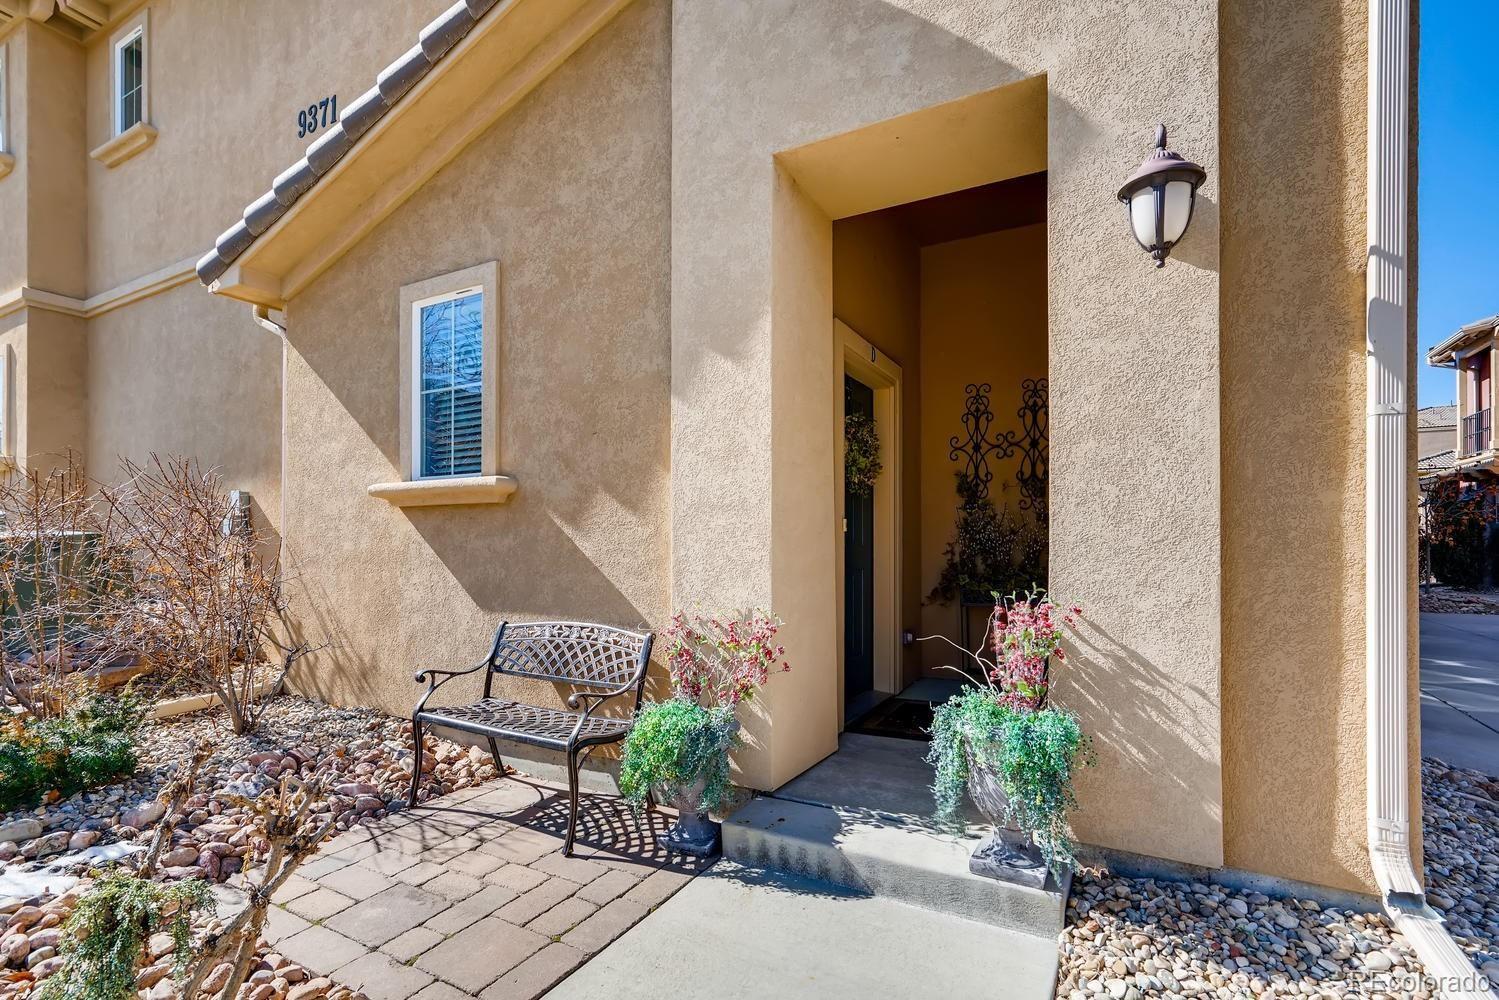 MLS# 5326326 - 3 - 9371 Loggia Street #D, Highlands Ranch, CO 80126